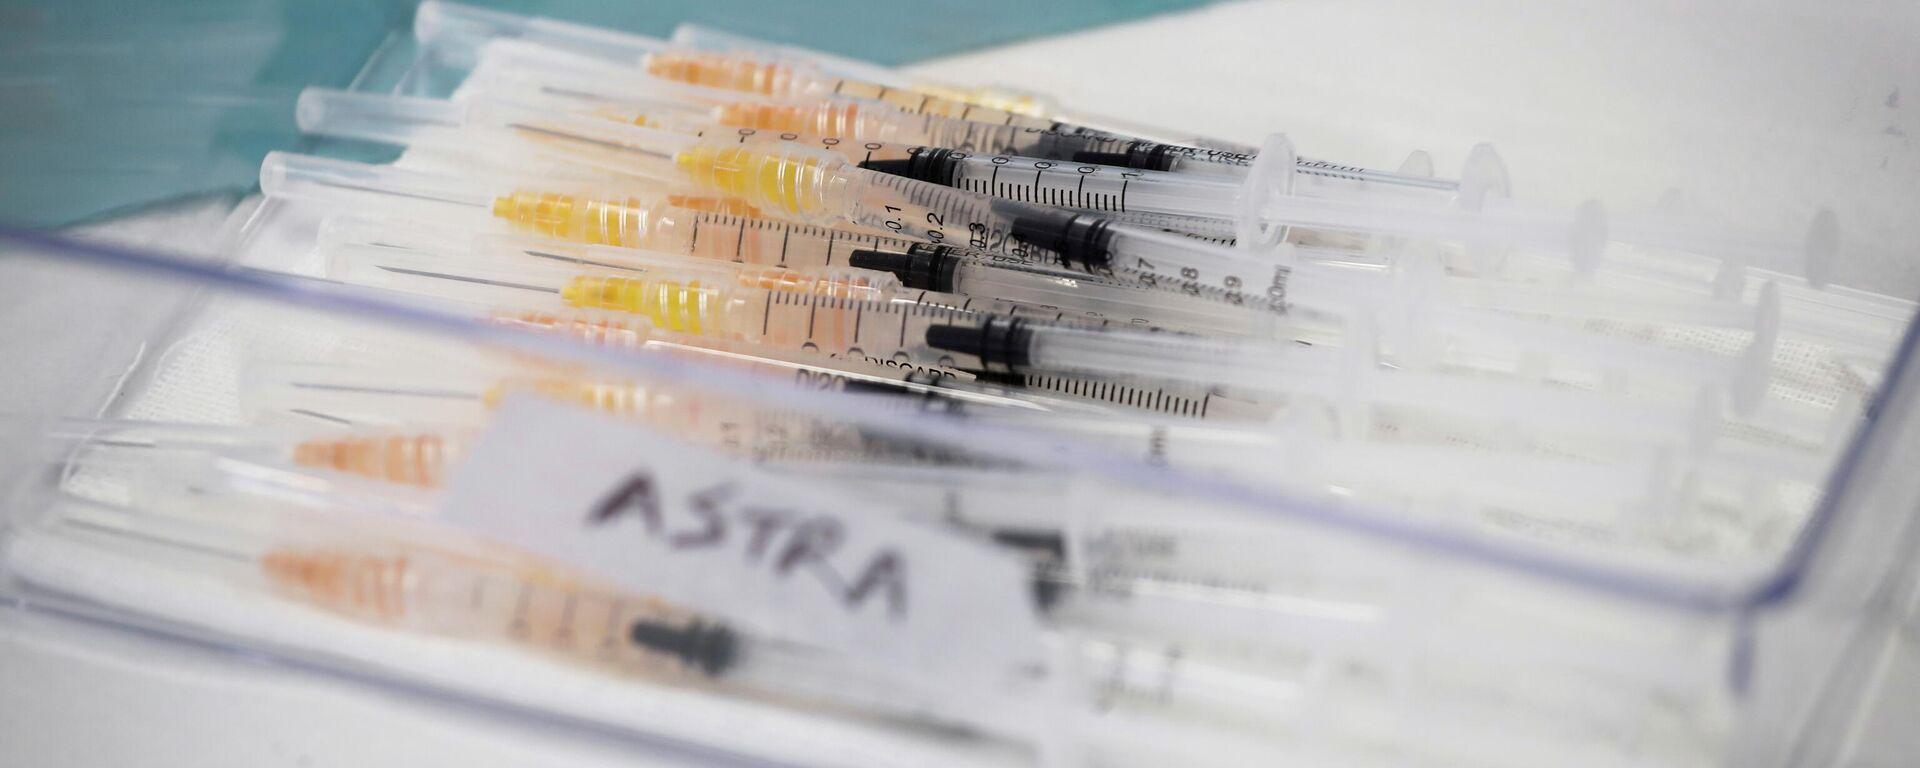 Unas jeringas con la vacuna de AstraZeneca contra COVID-19 (imagen referencial) - Sputnik Mundo, 1920, 11.05.2021